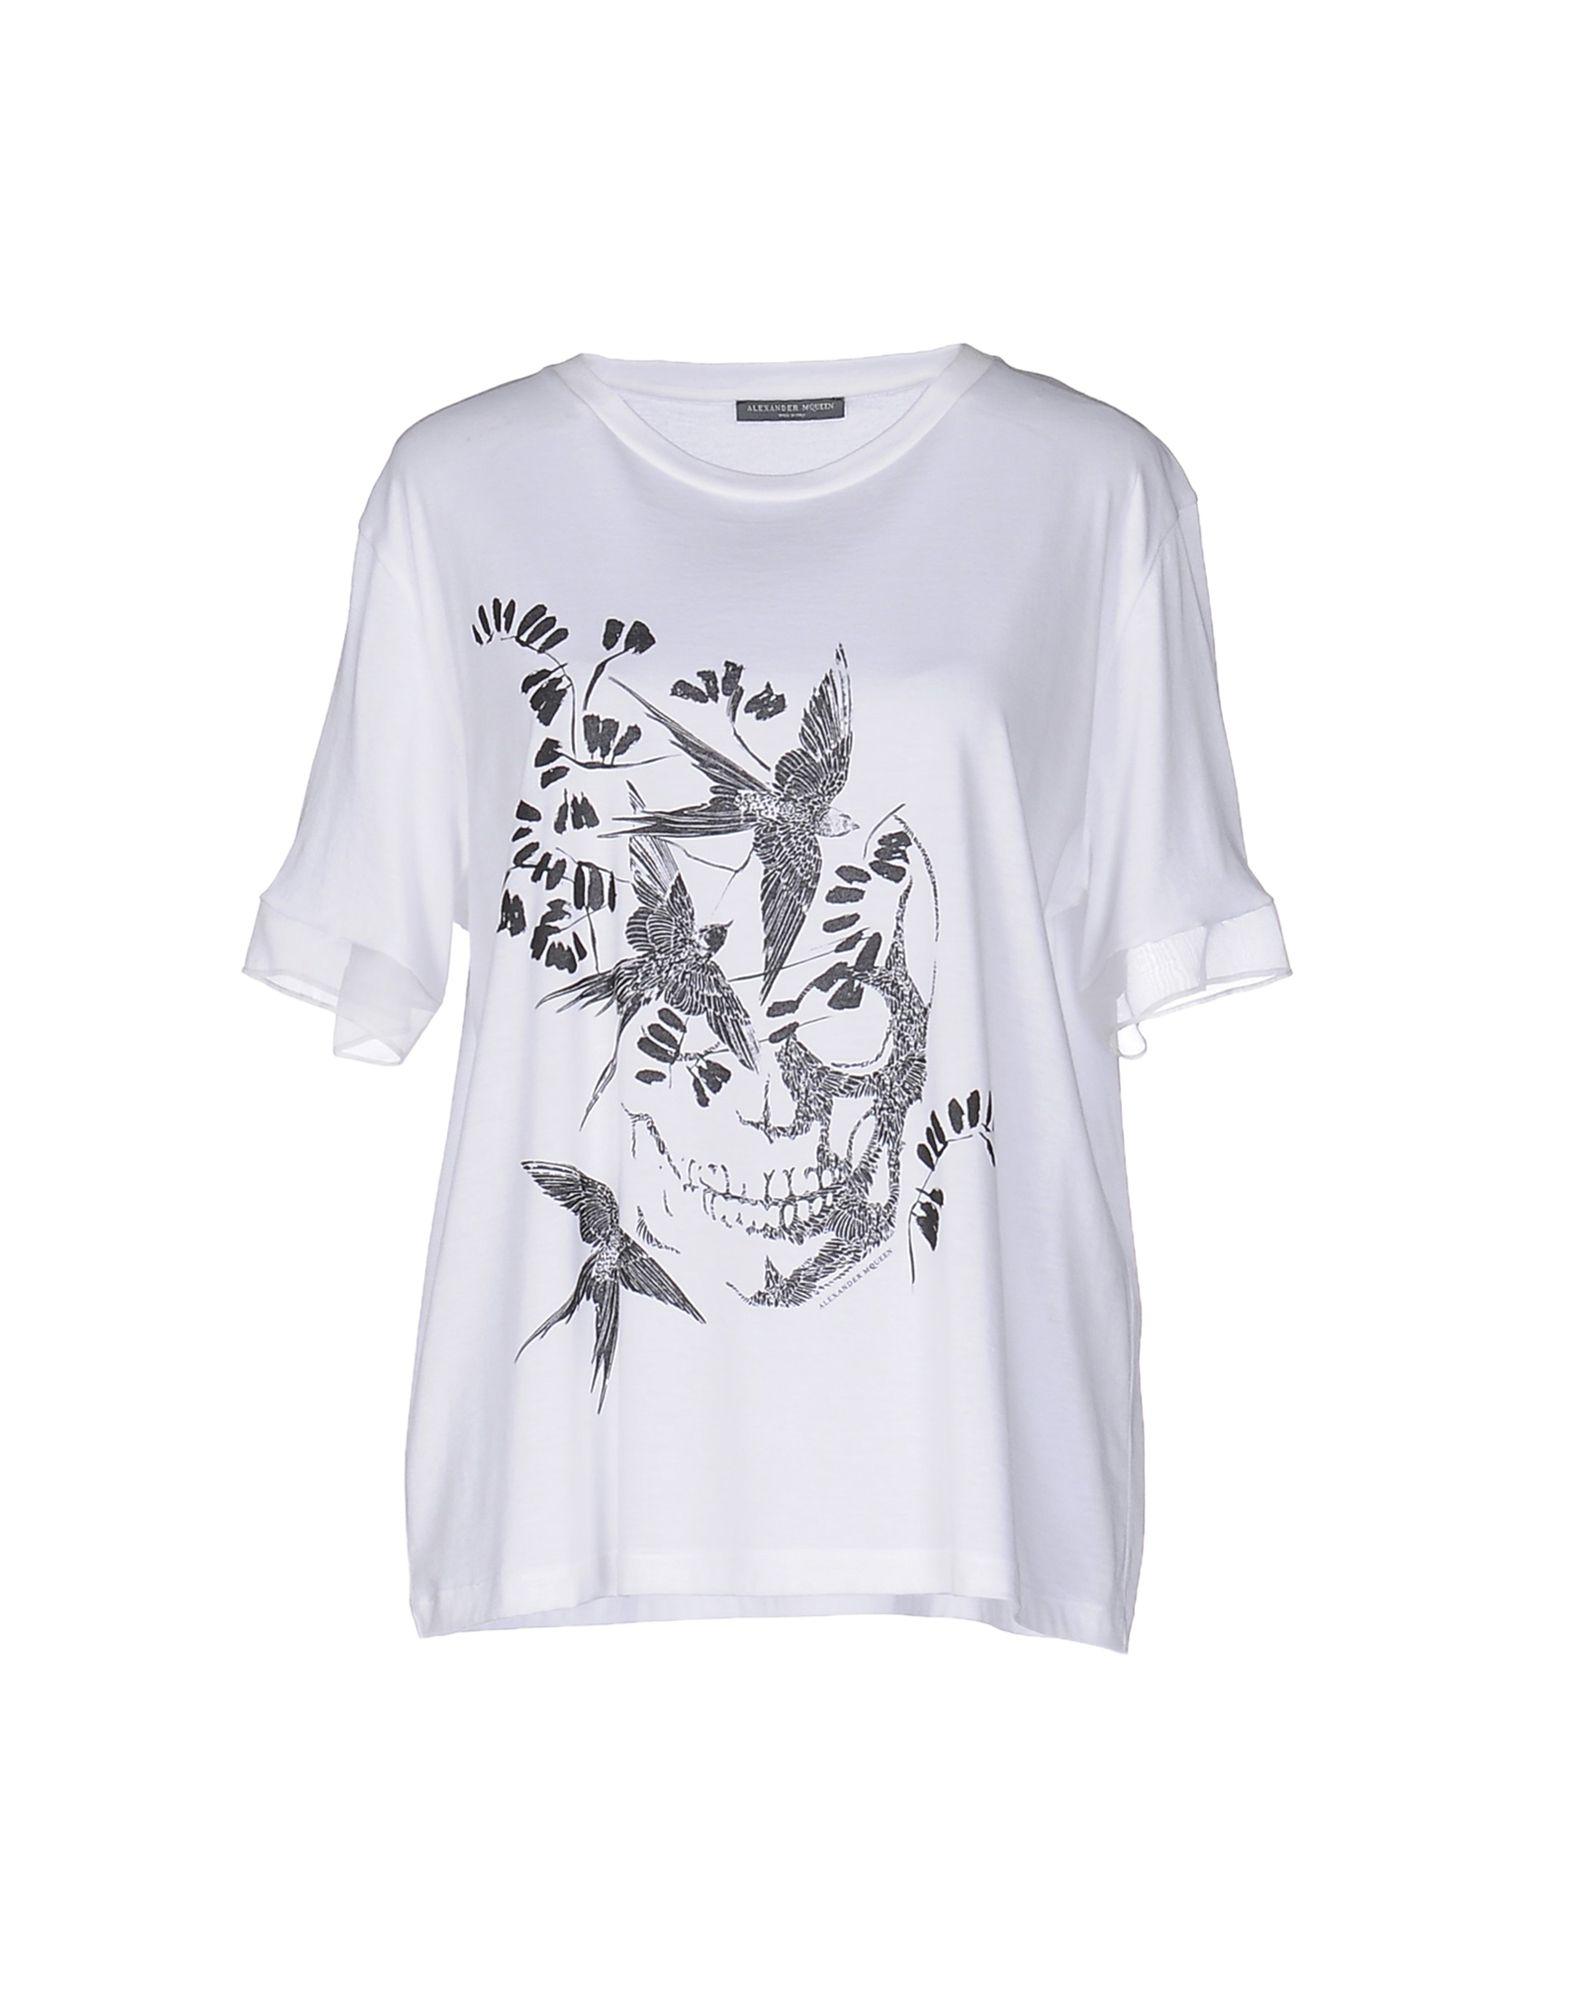 T-Shirt Alexander Mcqueen Donna - Acquista online su F59vZ